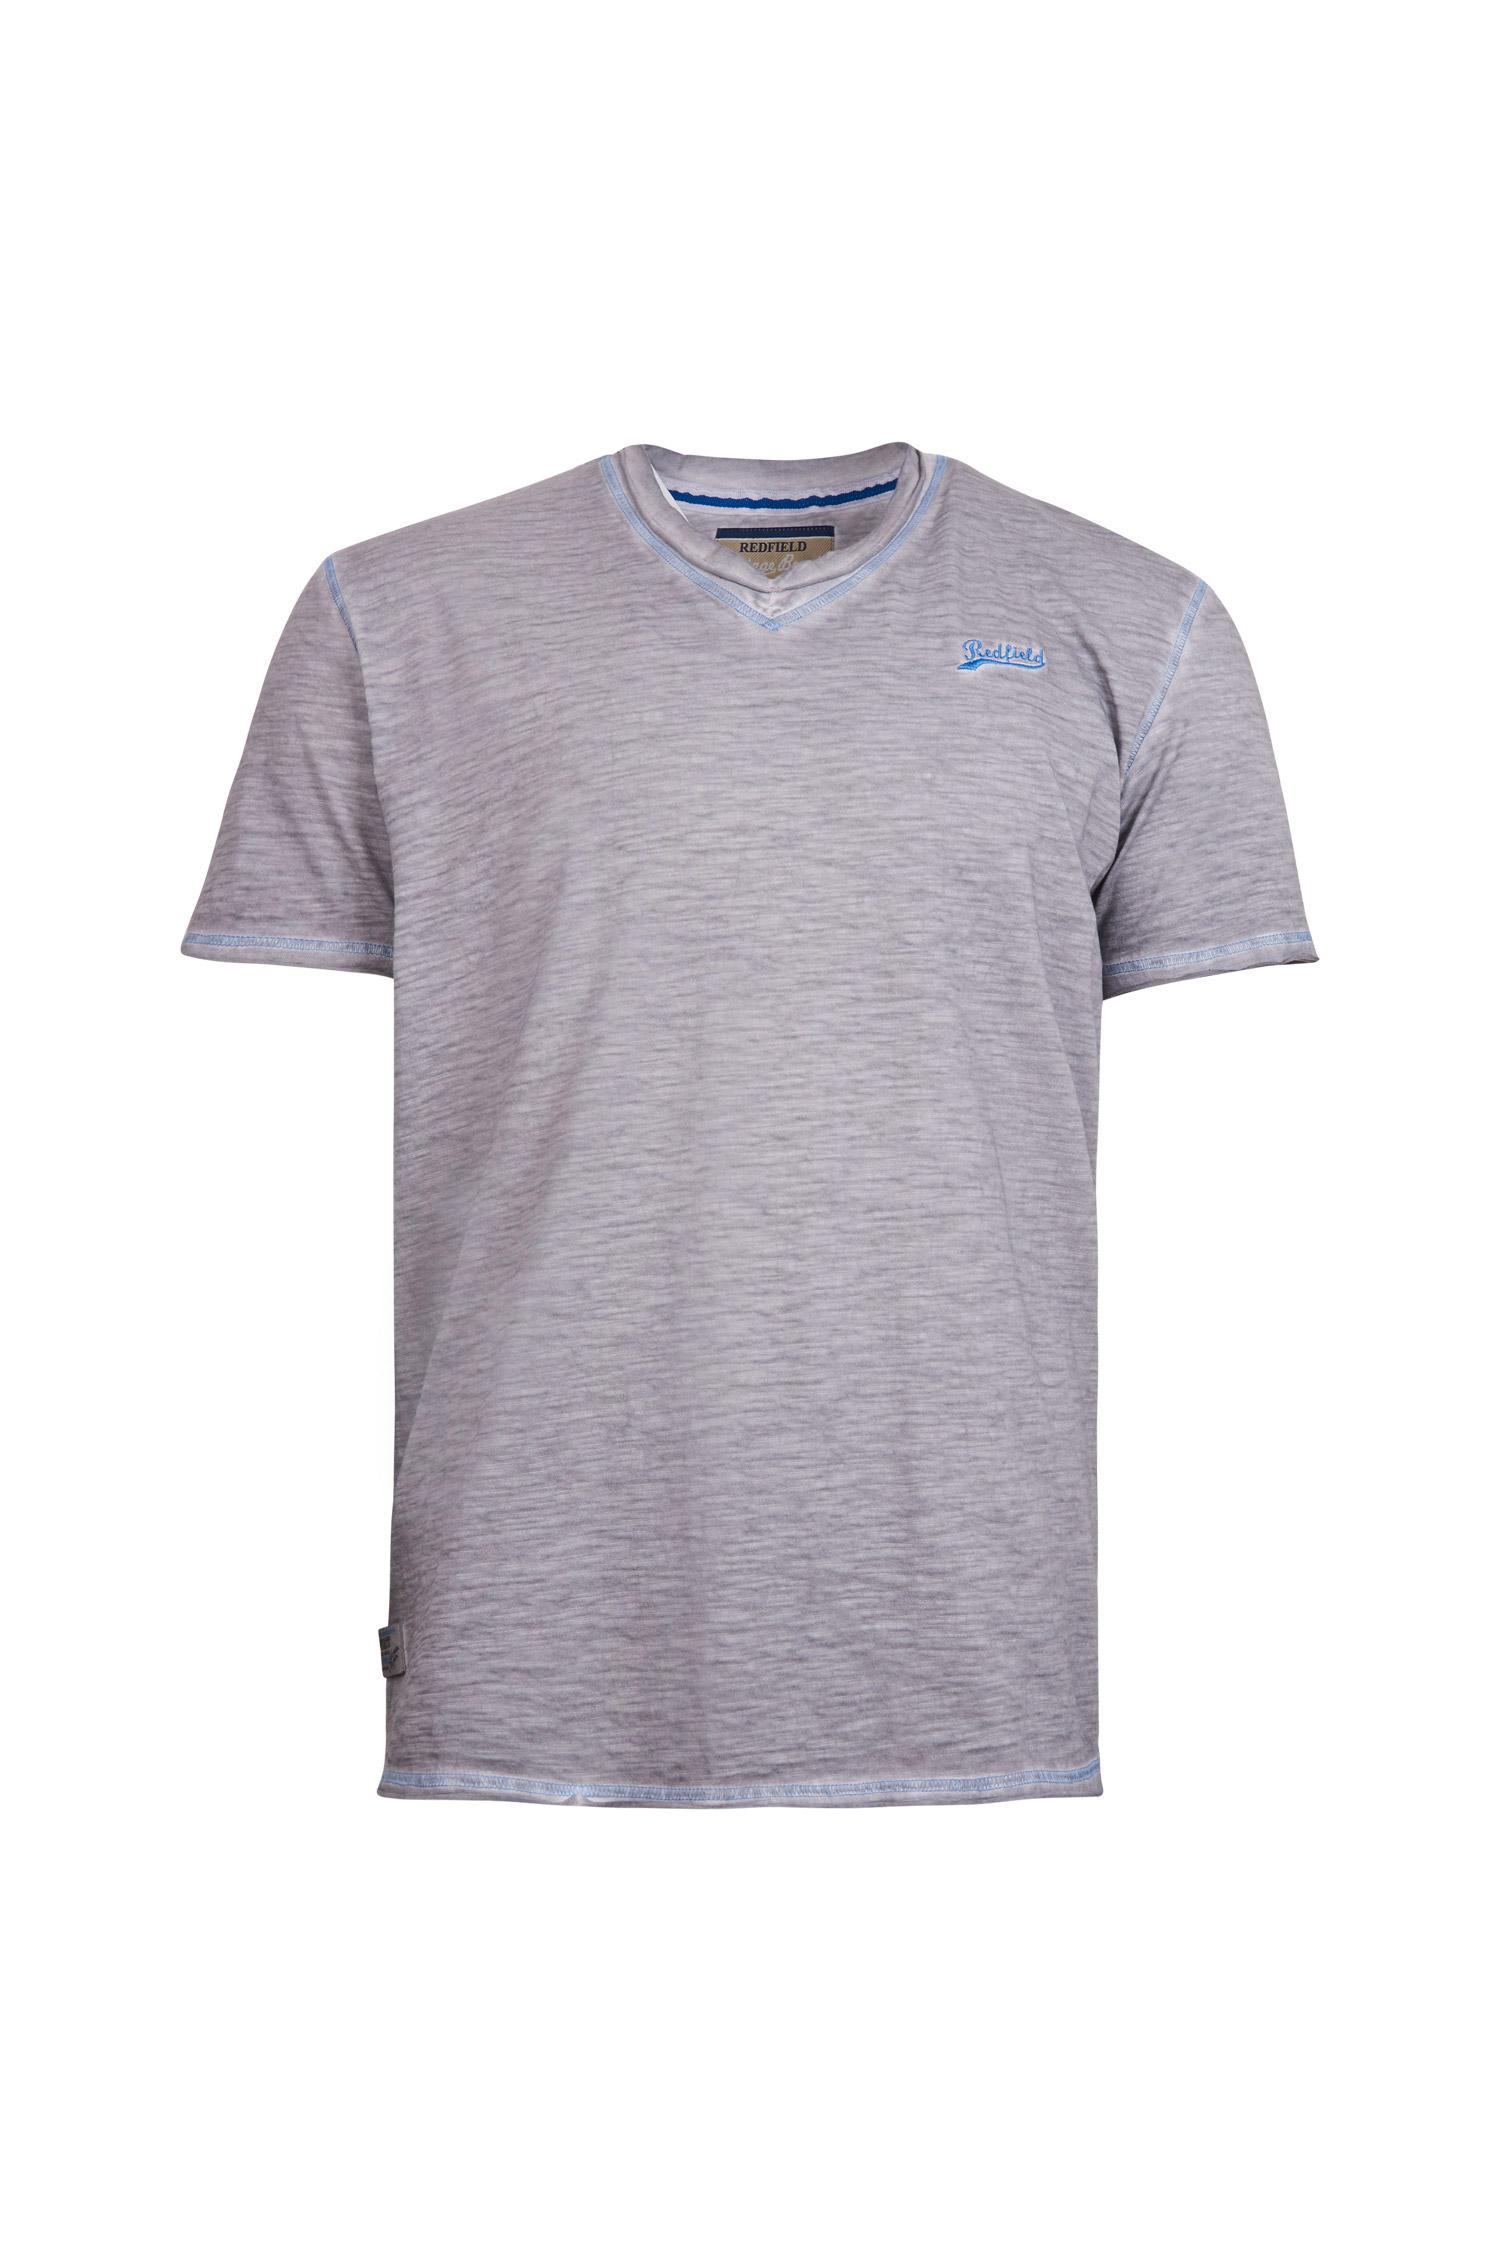 Sport, Camisetas M. Corta, 109157, GRIS MEDIO | Zoom